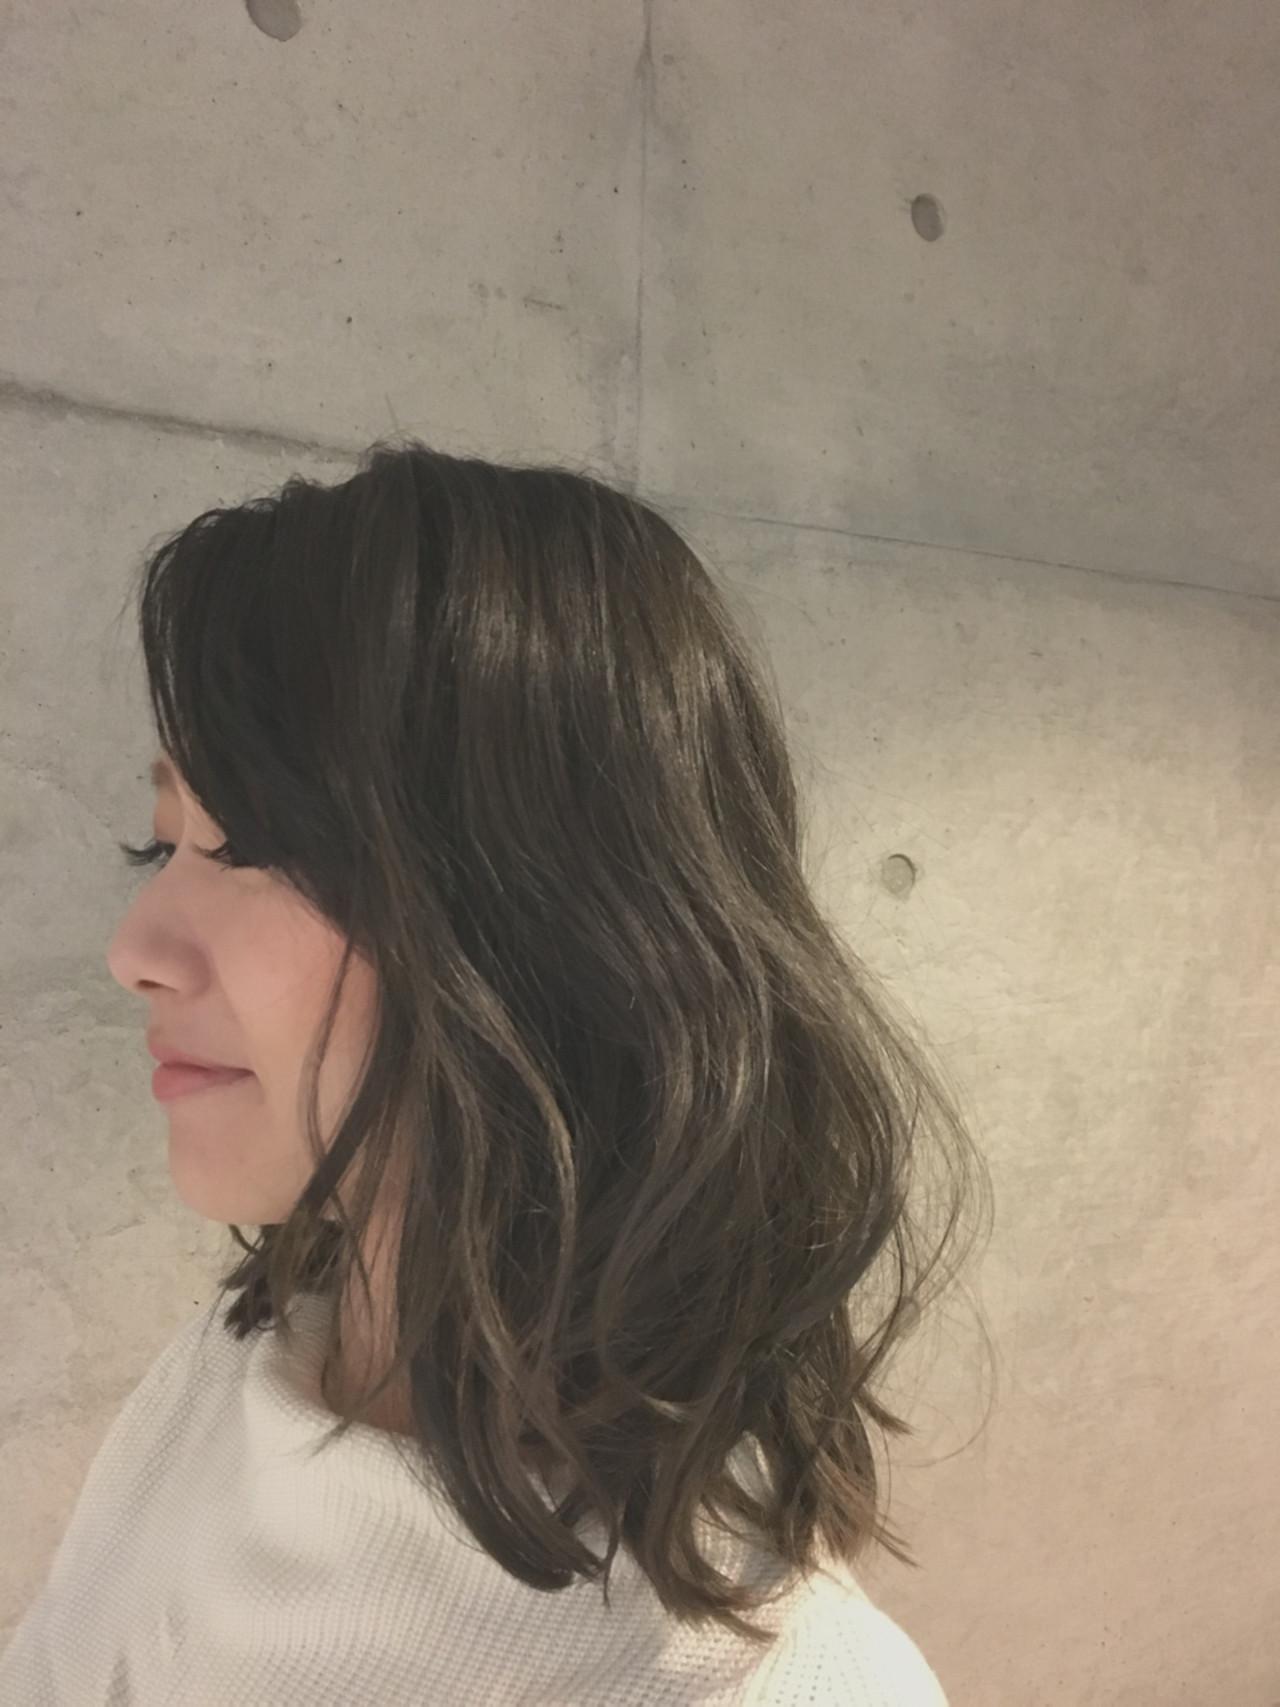 ゆるふわ ナチュラル 外国人風 アッシュ ヘアスタイルや髪型の写真・画像 | Sayaka / diptyMOILA